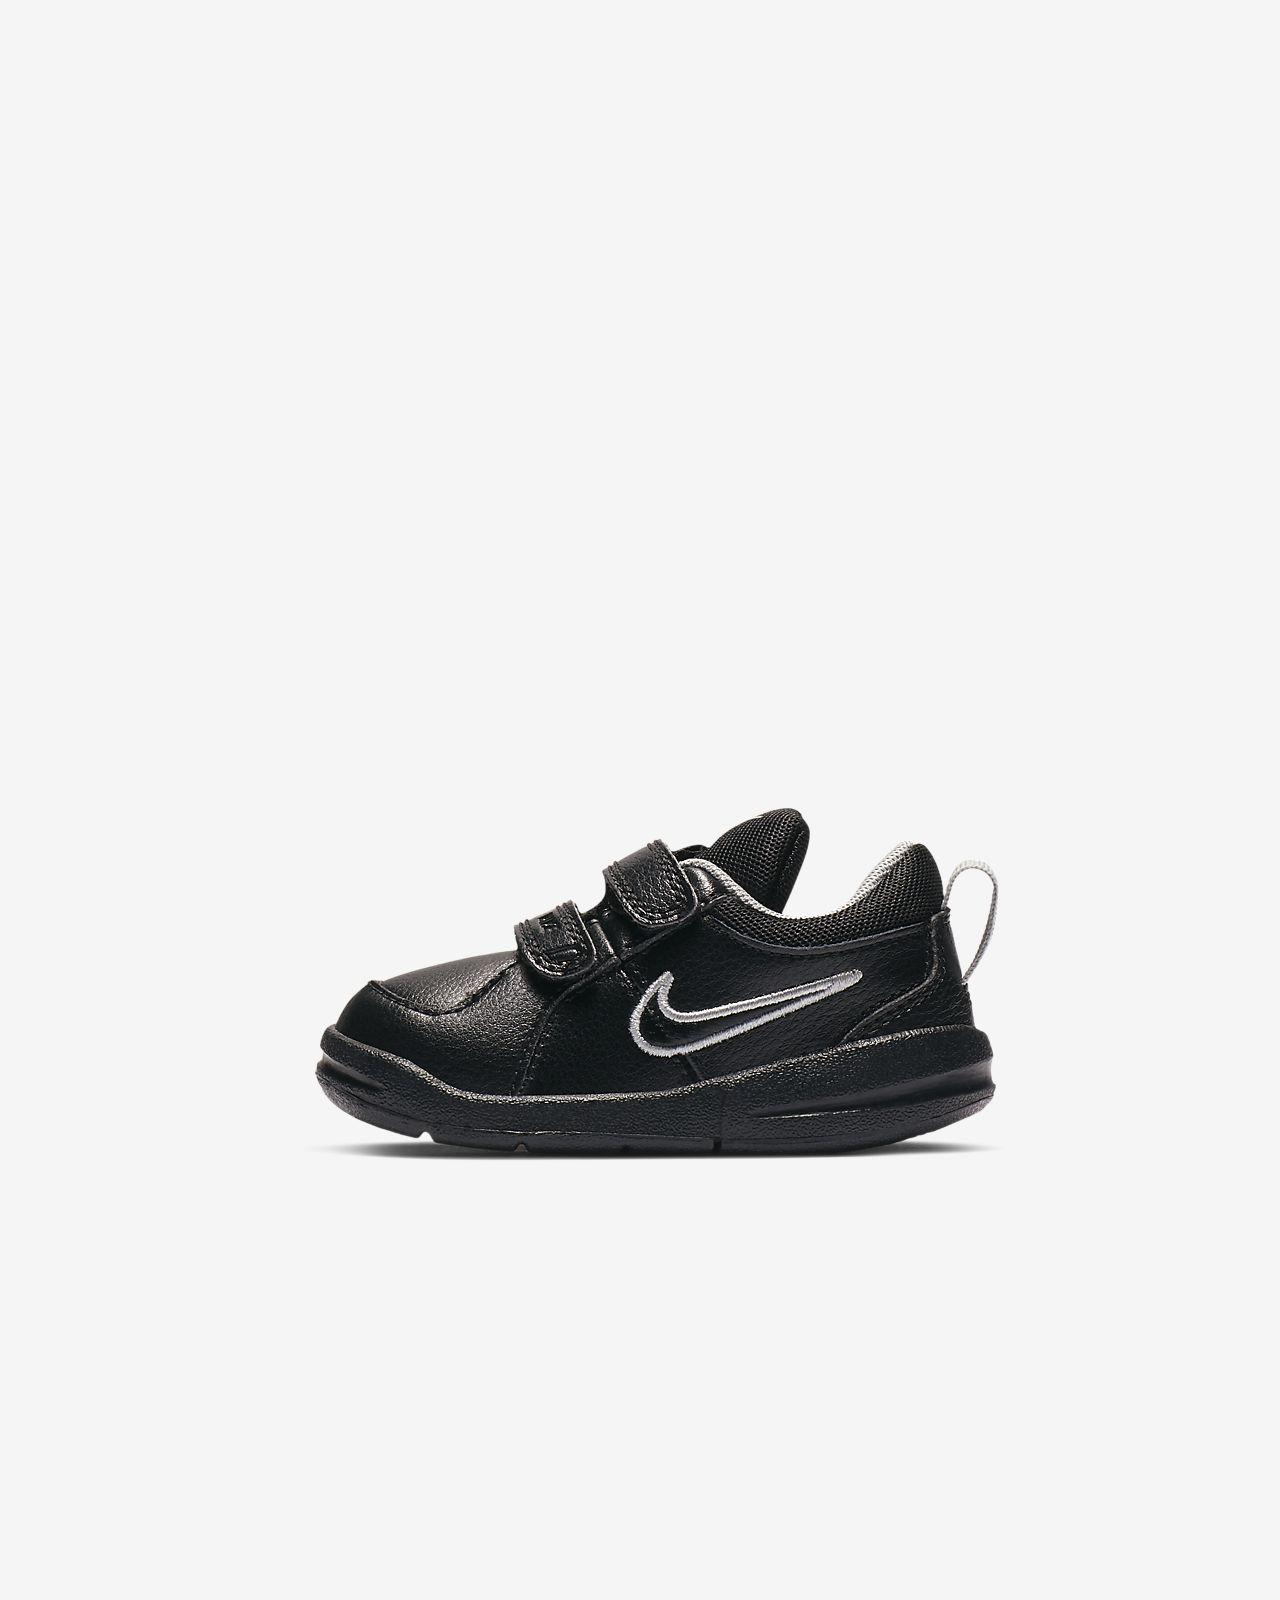 d53073e67 Nike Pico 4 Baby   Toddler Shoe. Nike.com GB